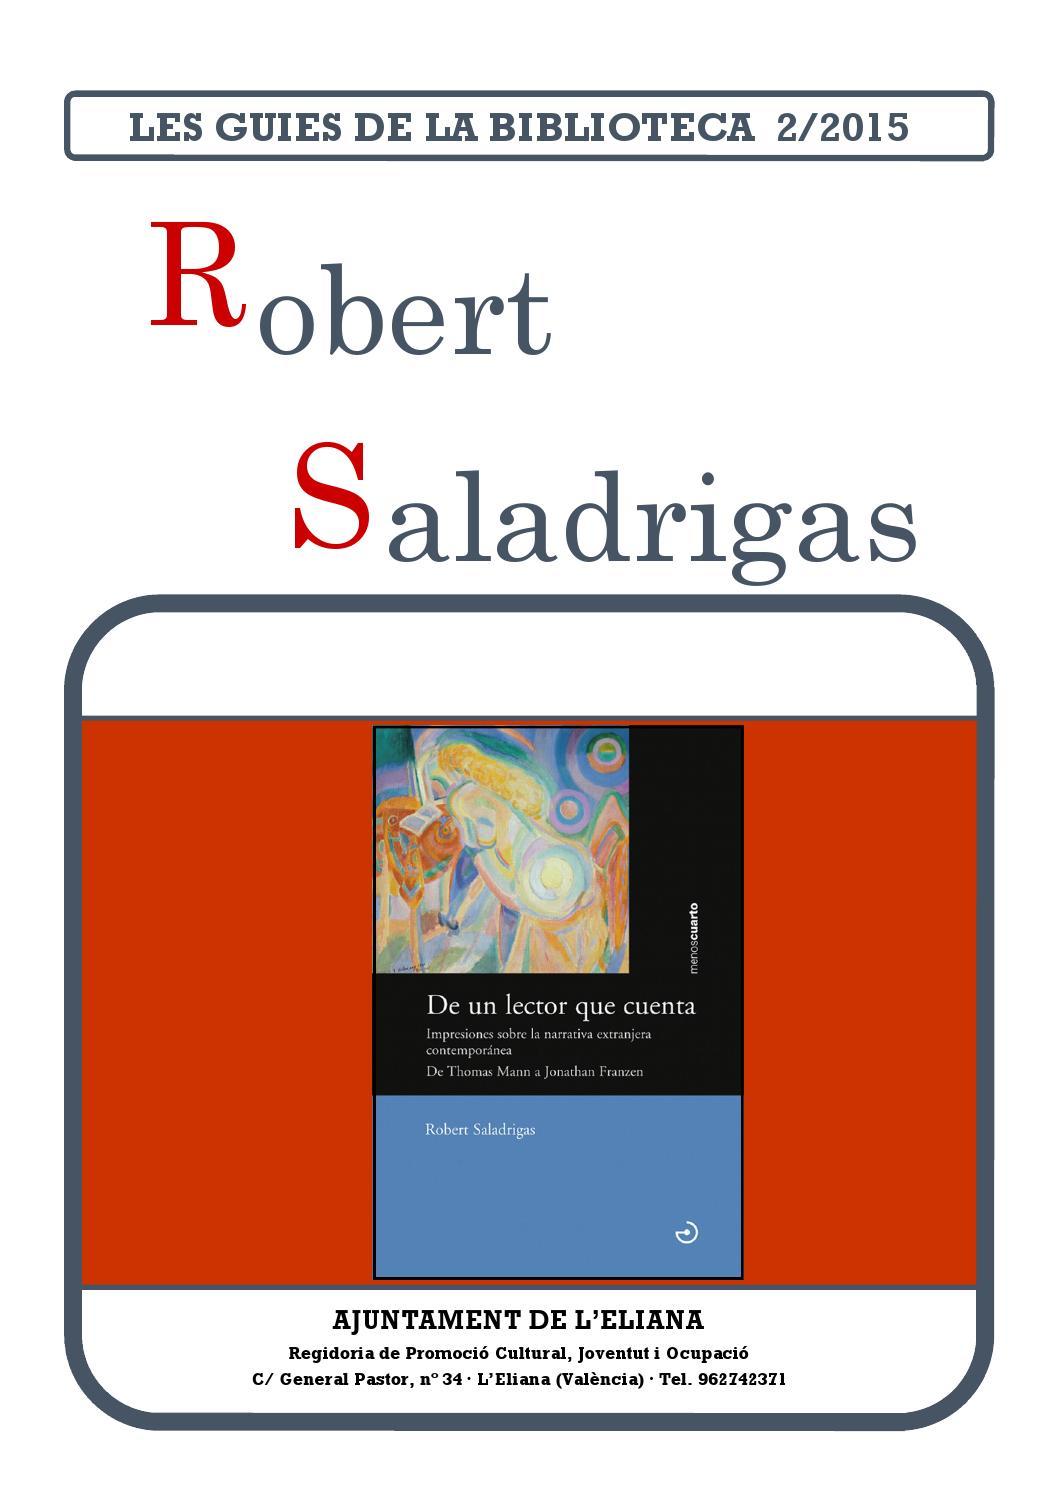 De un lector que cuenta robert saladrigas by biblioteca l - Biblioteca l eliana ...